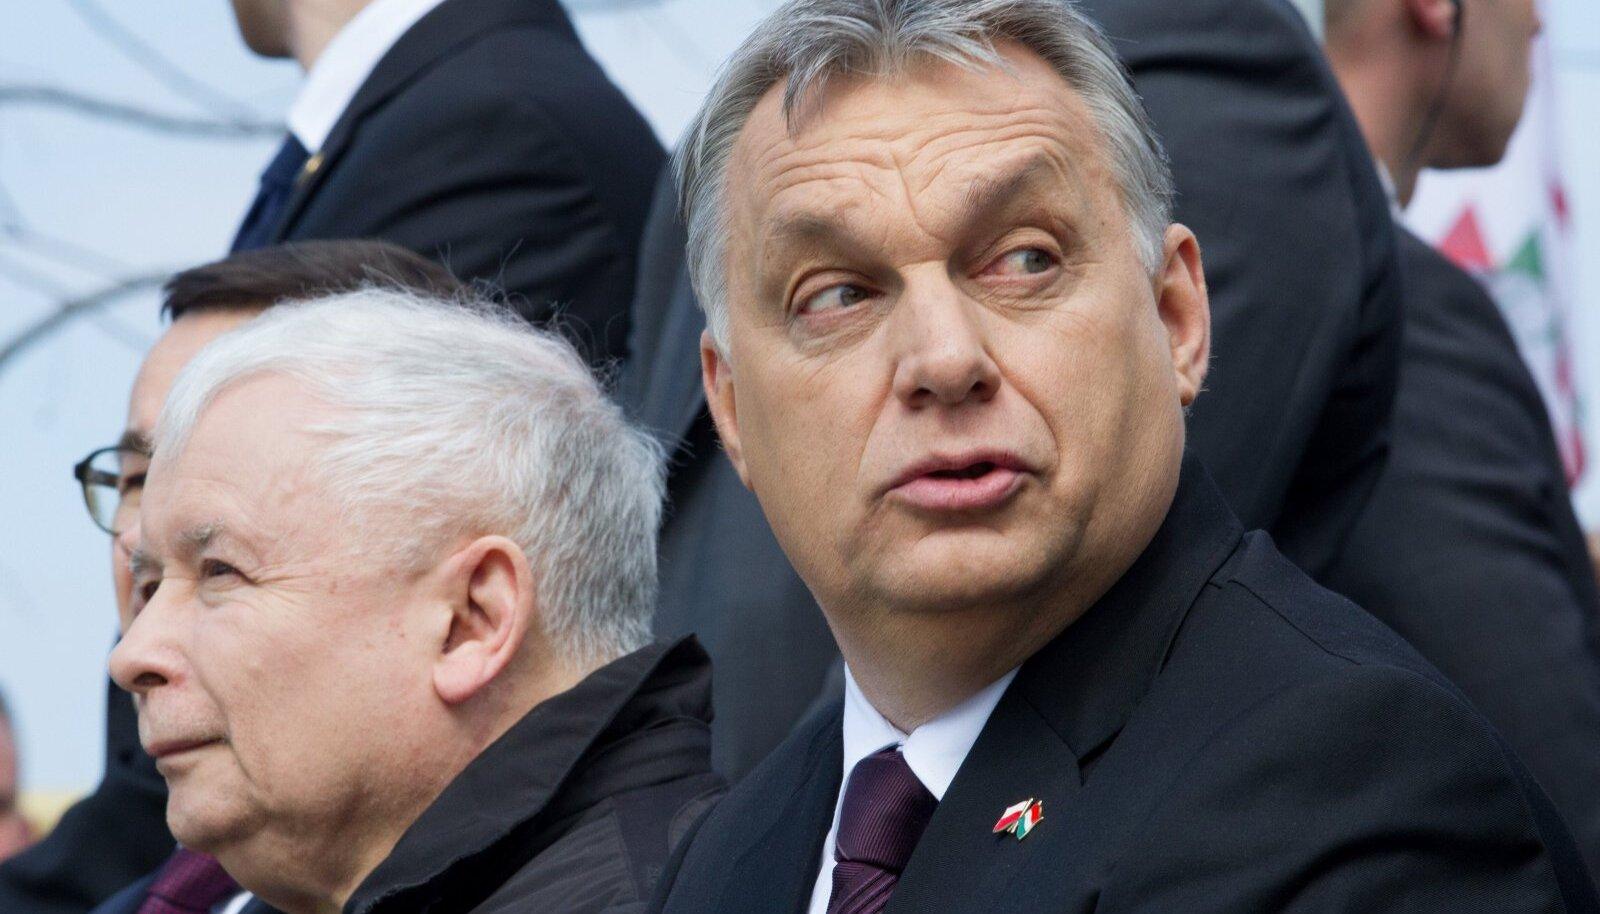 MÕTTEKAASLASED: Jarosław Kaczyński (vasakul) ja Viktor Orbán on seisnud nn illiberaalse demokraatia eest, ent põrkuvad nüüd Euroopa Liidu liberaaldemokraatliku reaalsusega.